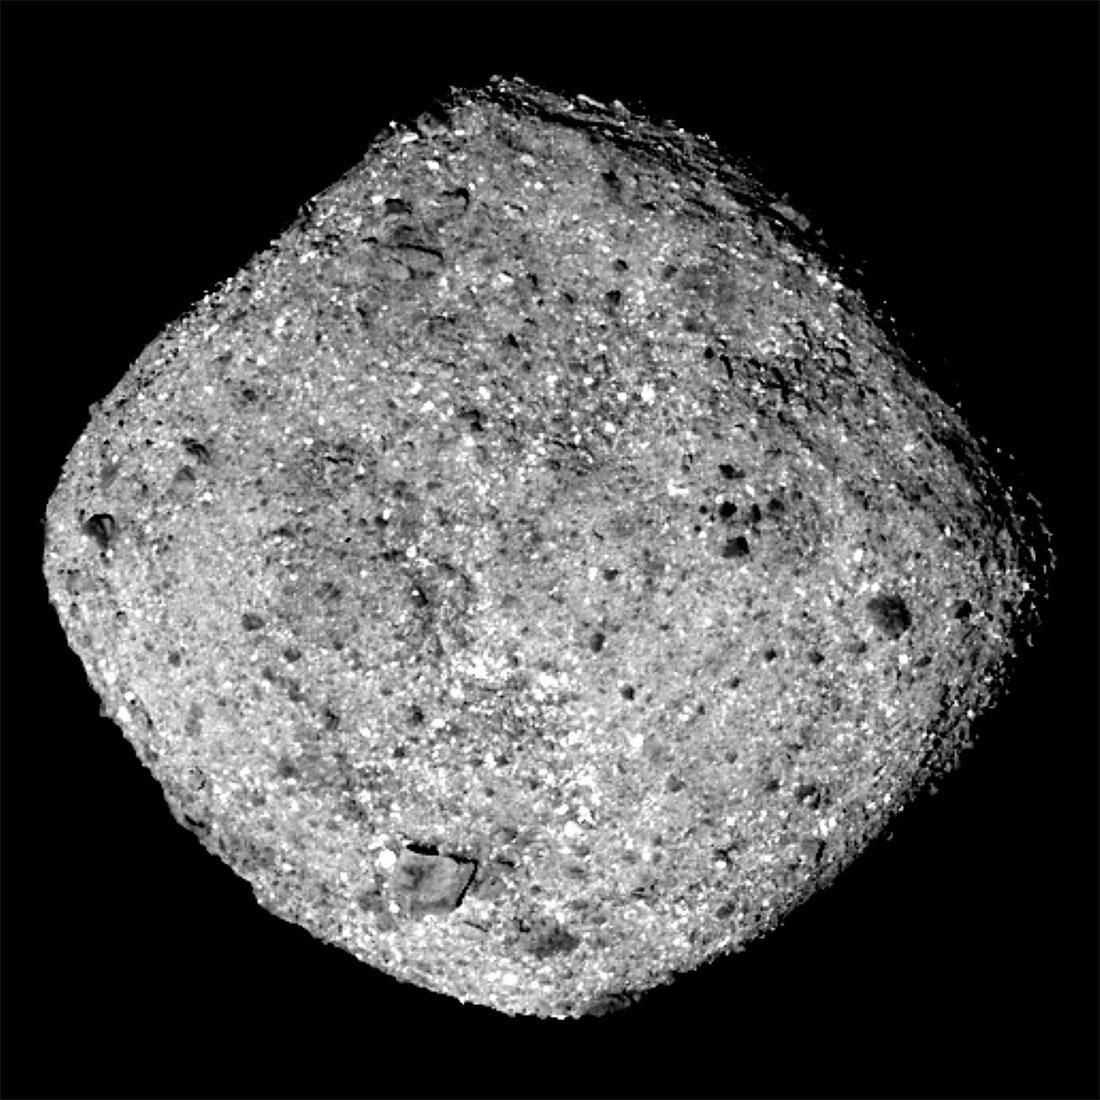 研究發現小行星本努很可能是空心的